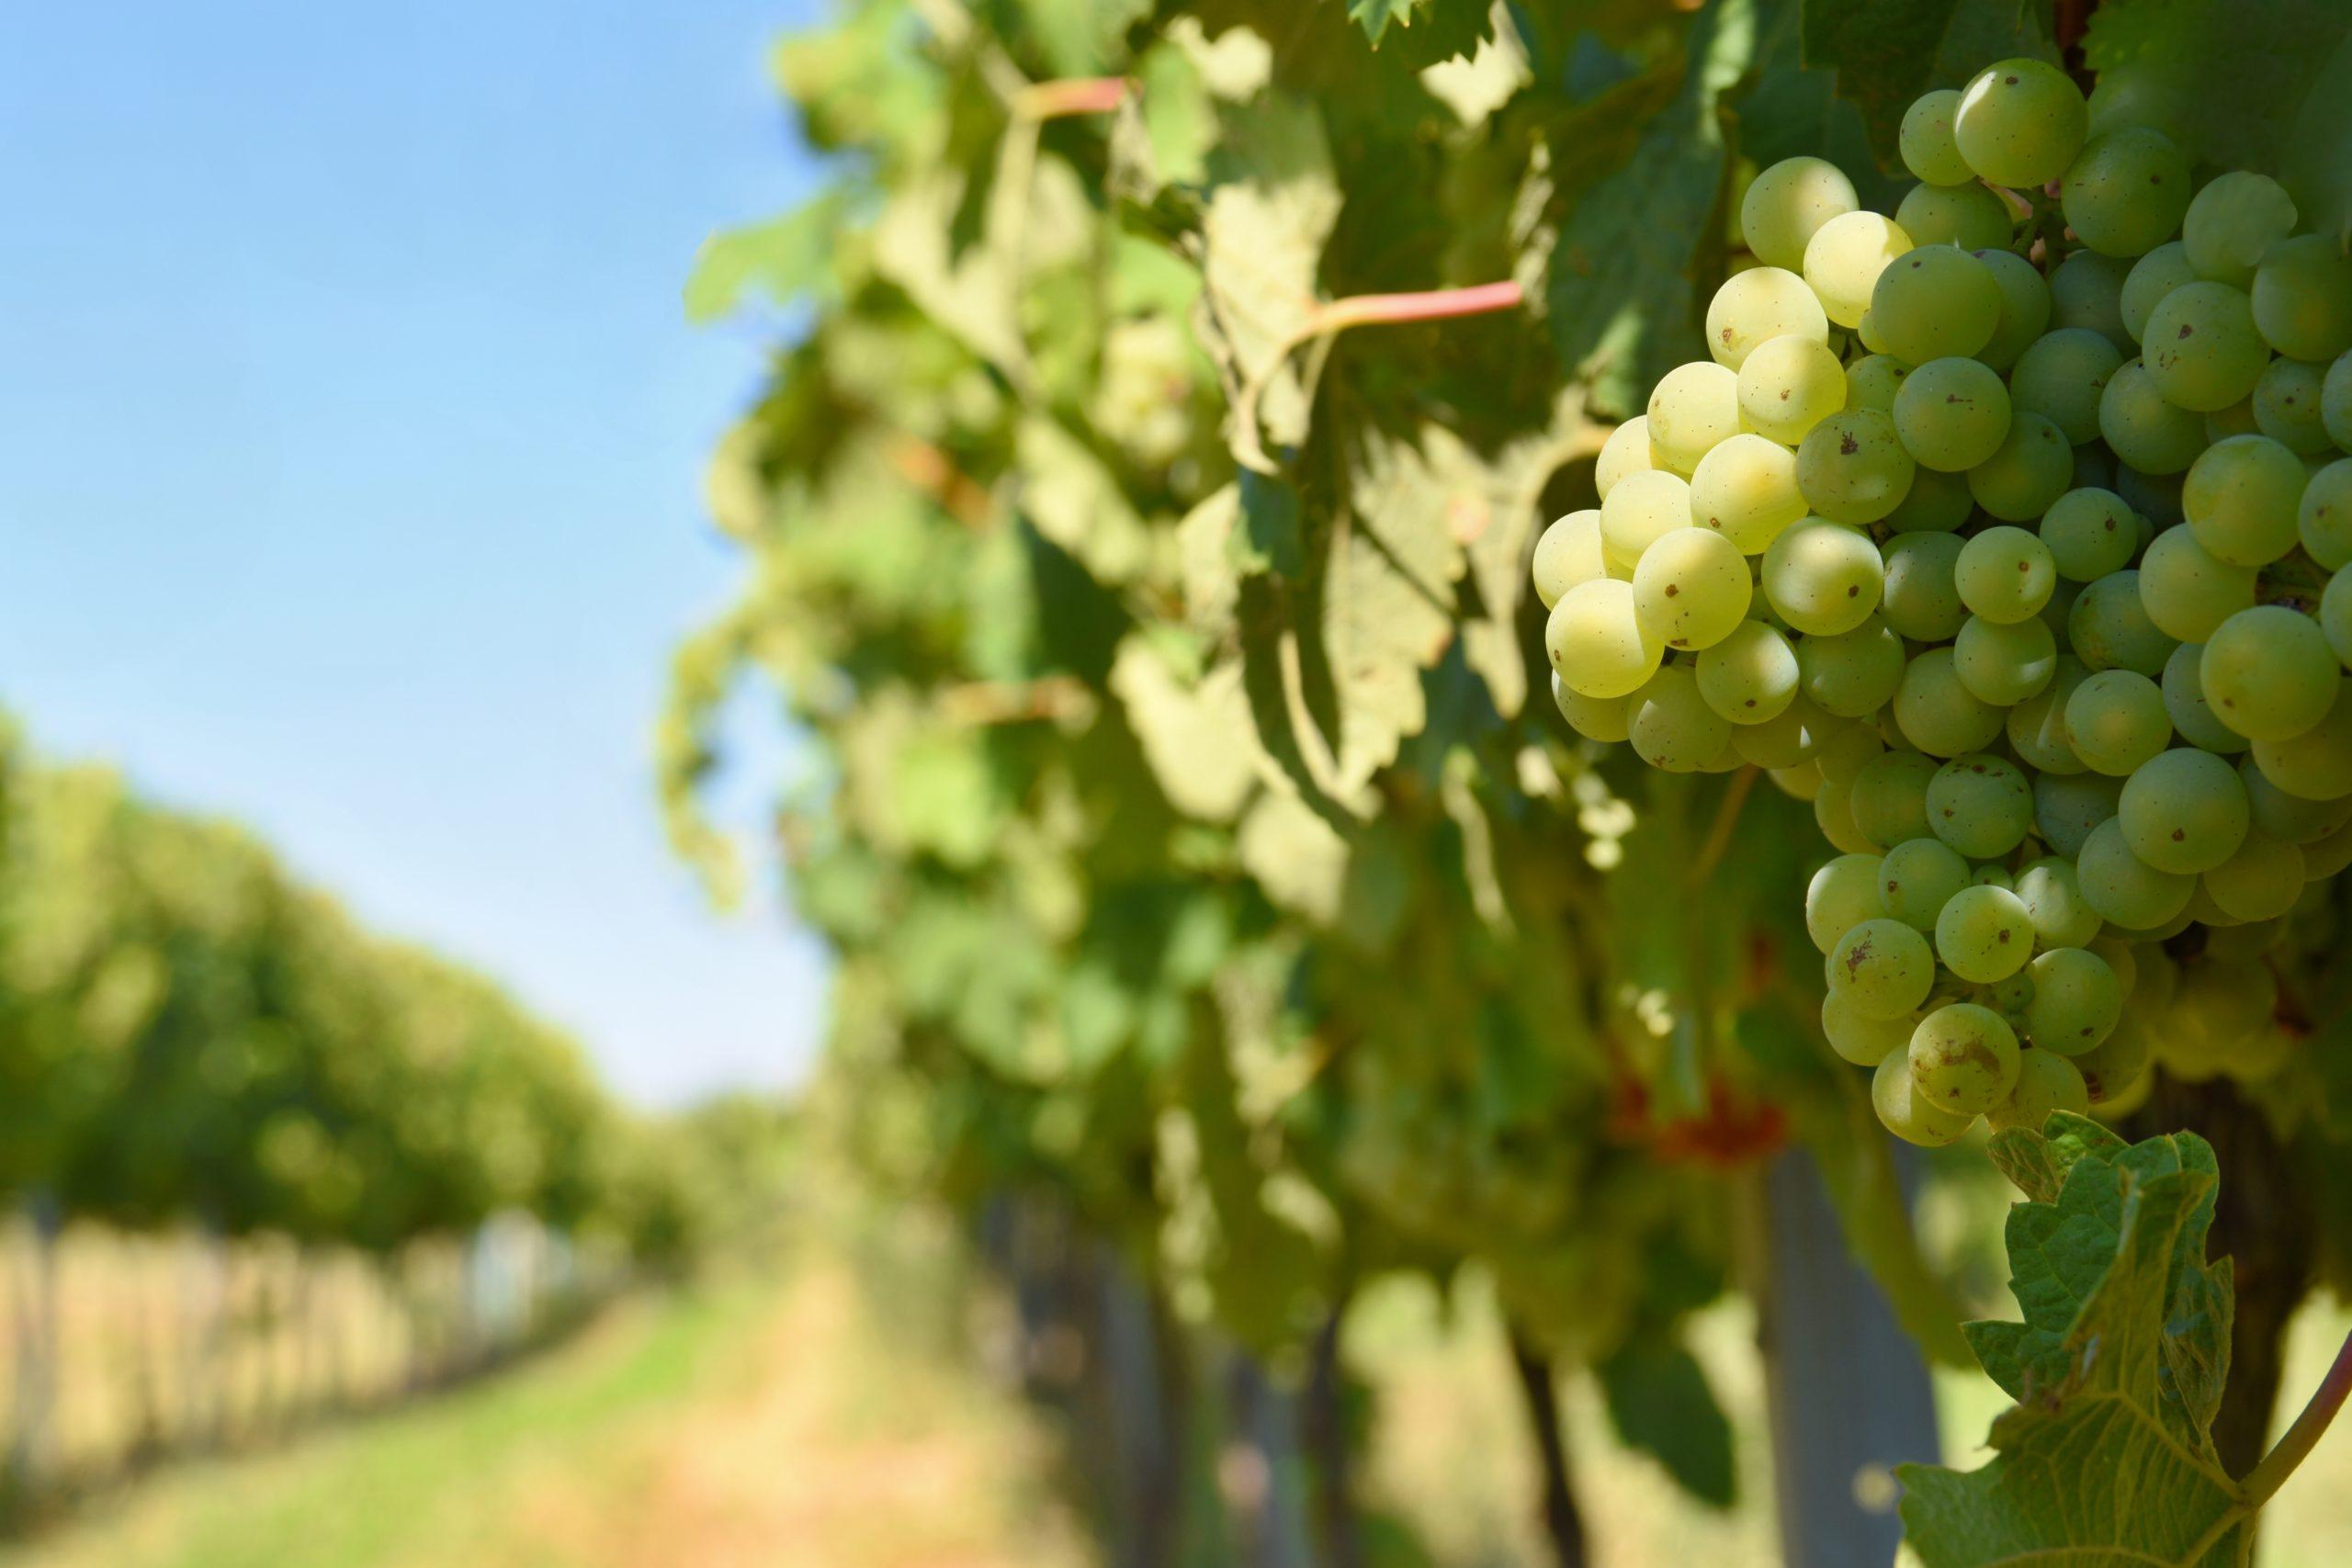 Santé du végétal : Organisation de la surveillance des vignobles vis-à-vis de la Flavescence dorée